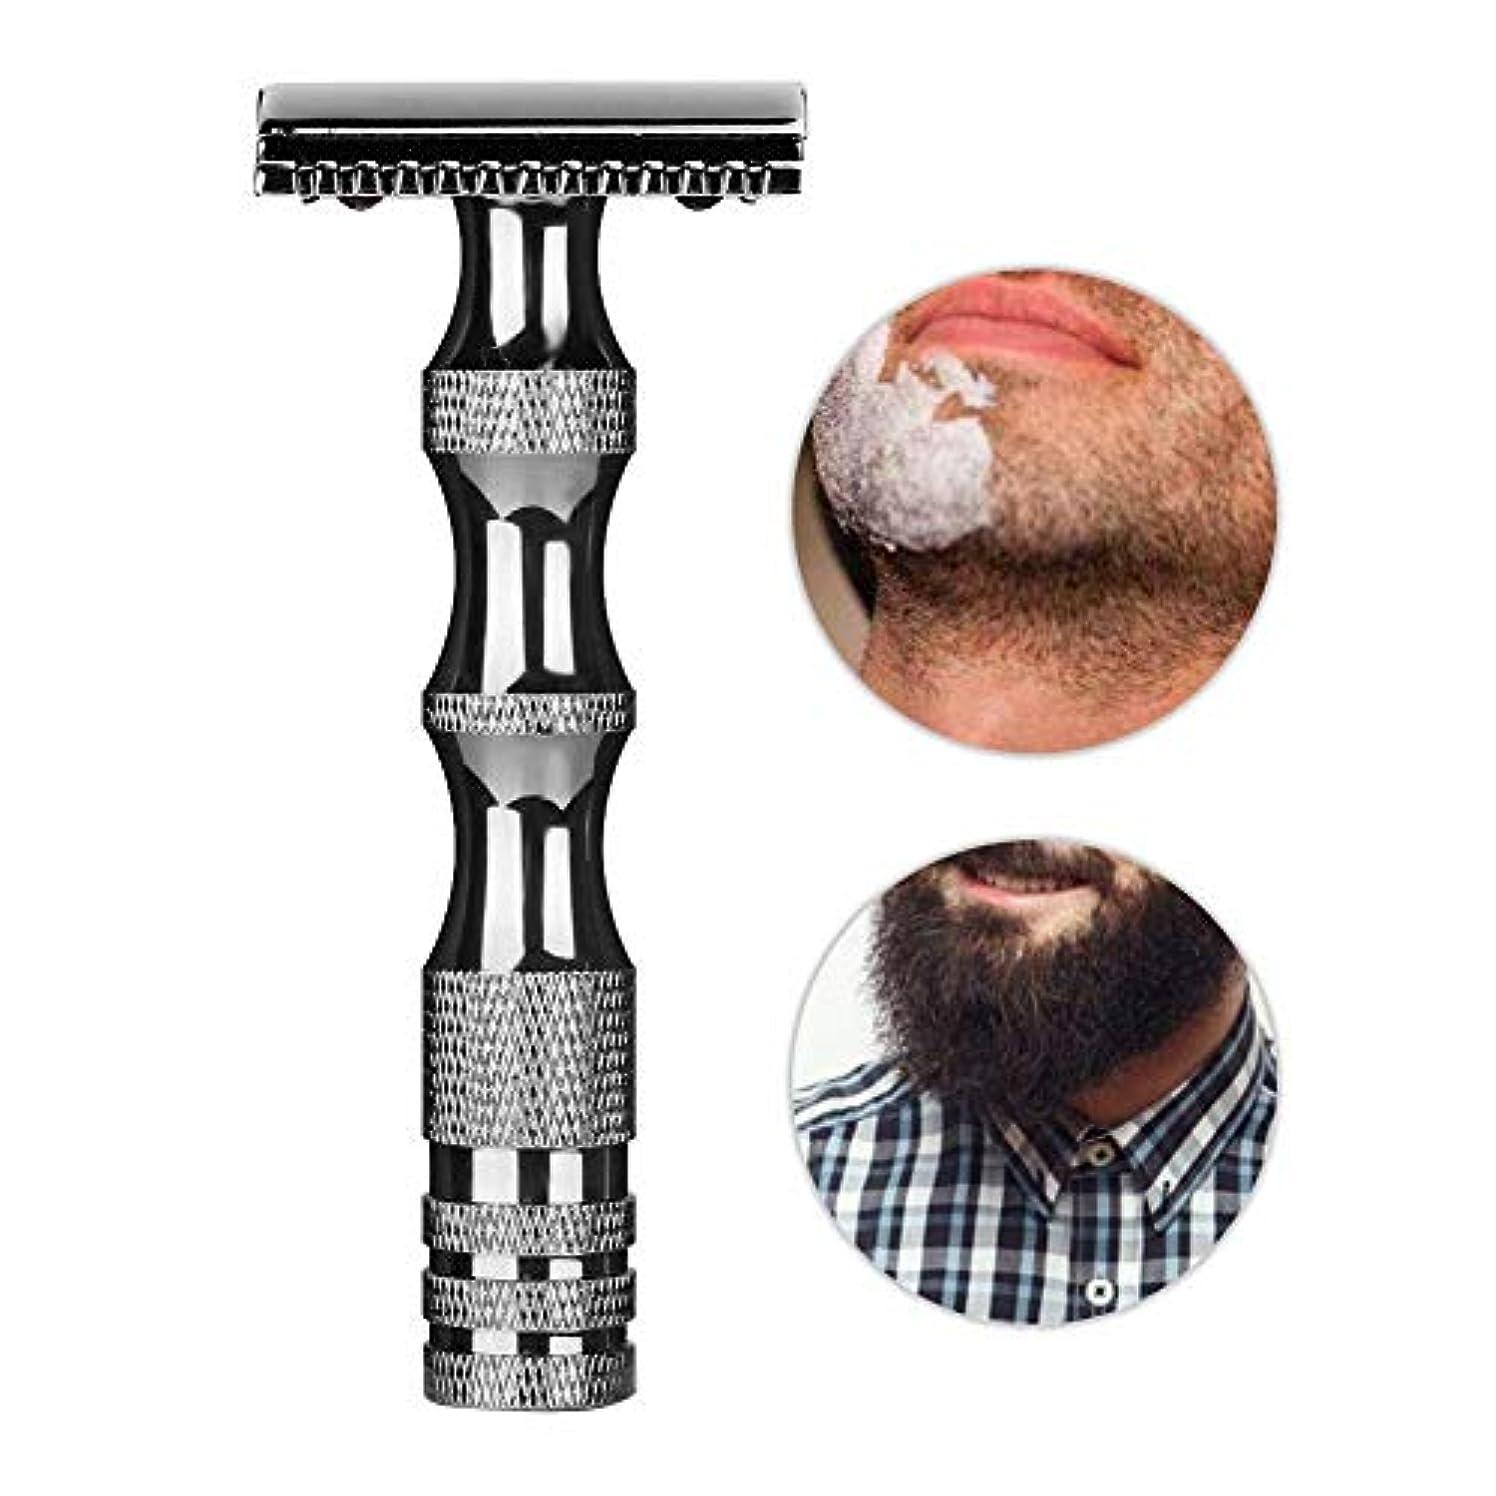 申し込む数学的なの配列安全剃刀、クラシックメンズ滑り止めメタルハンドルデュアルエッジシェーバーヴィンテージスタイルメンズ安全剃刀、スムーズで快適な髭剃り(Dark Silver)